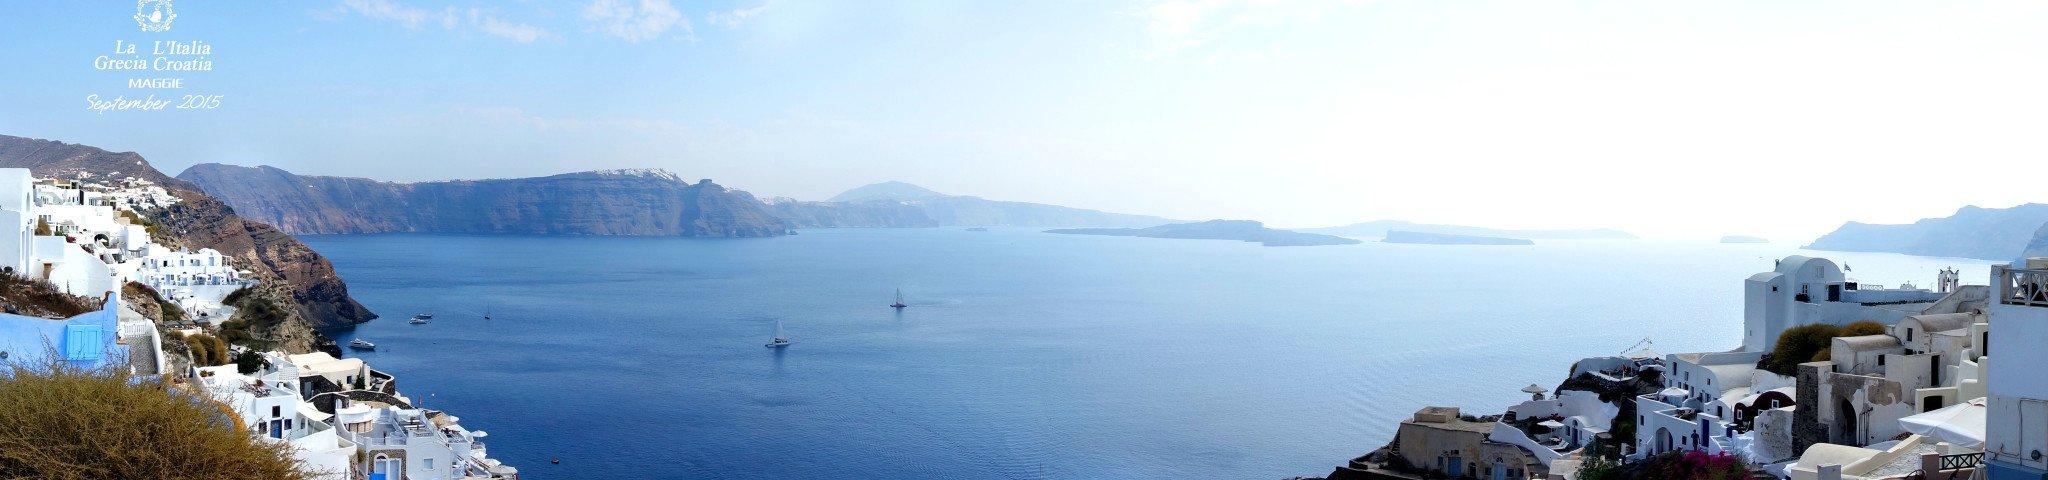 浪漫希腊意大利自由行